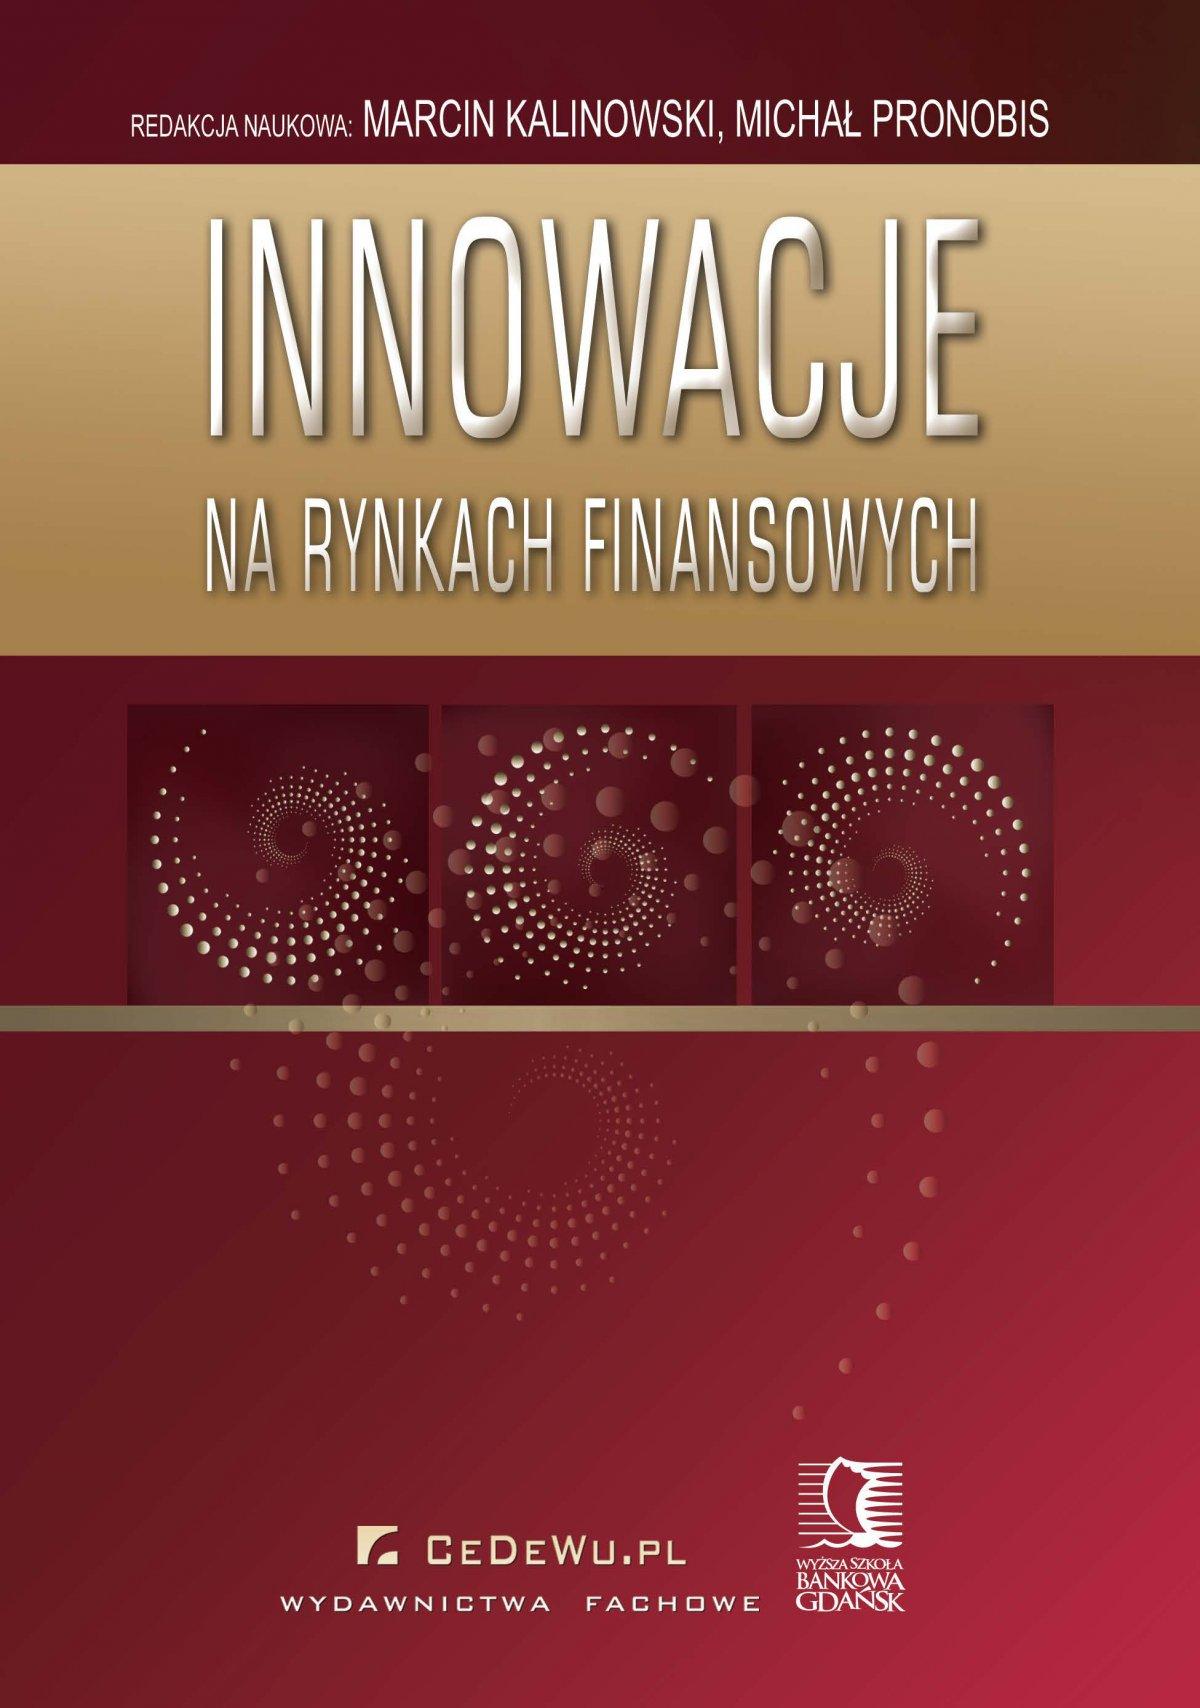 Innowacje na rynkach finansowych - Ebook (Książka PDF) do pobrania w formacie PDF